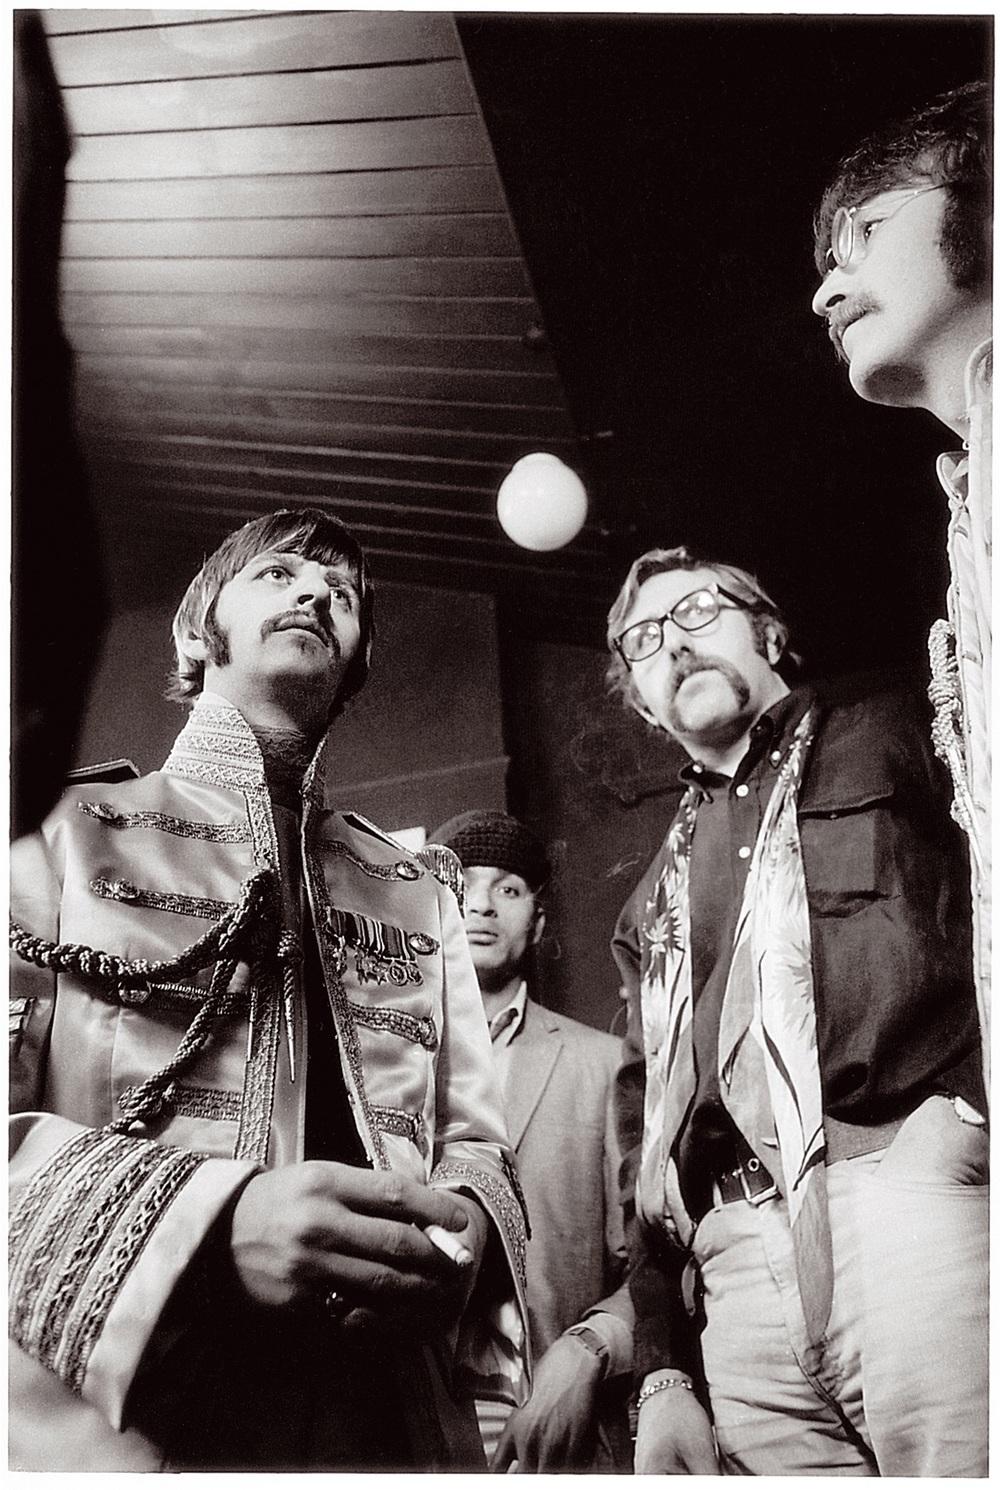 Ringo Starr, Mal Evans and John Lennon, March 1967.